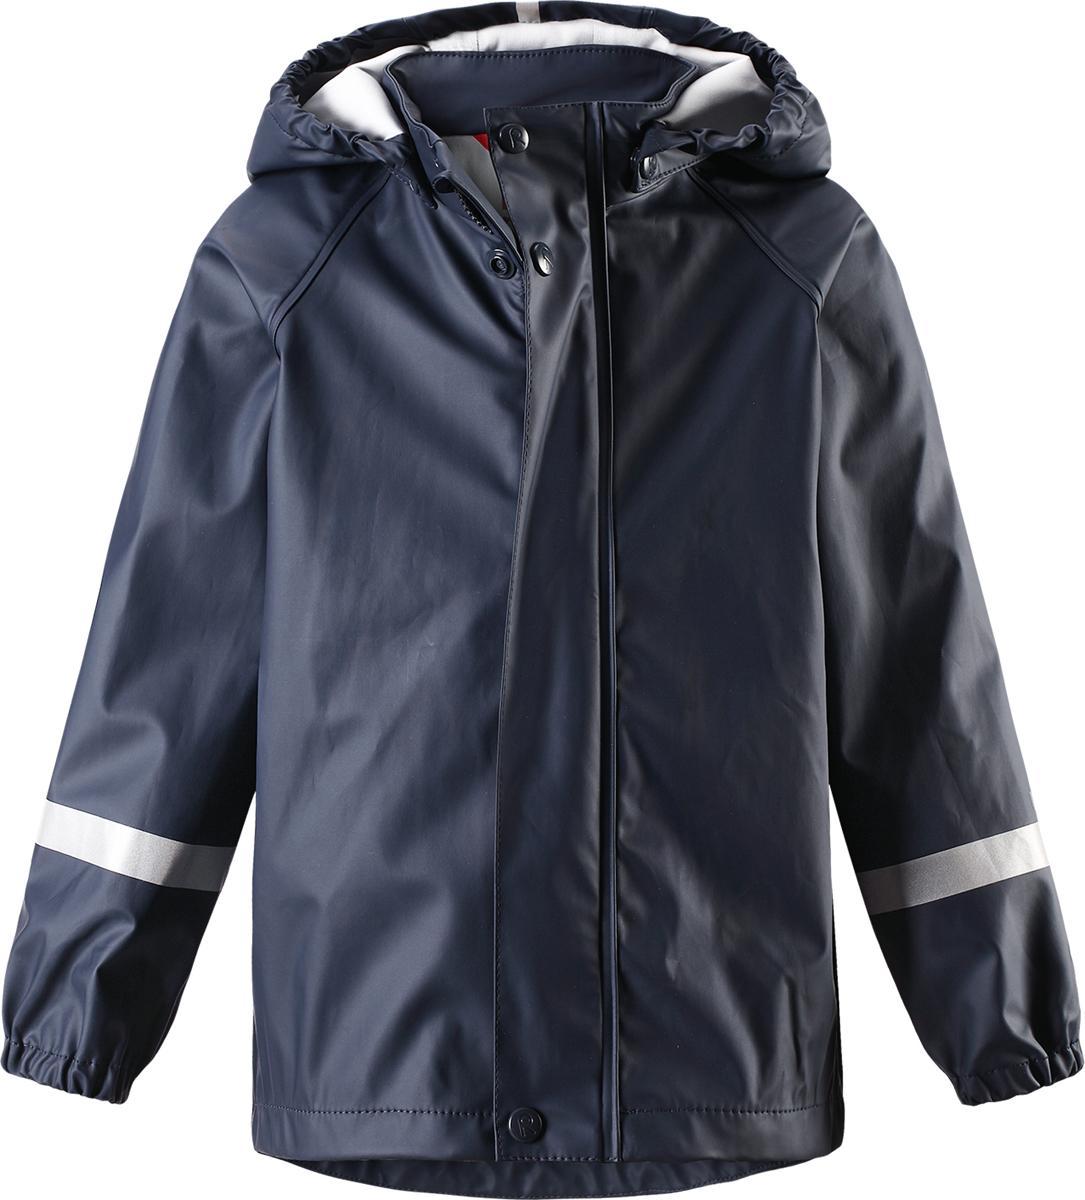 Дождевик5214916980Детская куртка-дождевик Lampi стильно смотрится и гарантирует защиту от дождя. Эластичный материал не деревенеет на морозе, поэтому этот дождевик можно носить круглый год просто добавьте в холодную погоду теплый промежуточный слой. Съемный капюшон защитит даже от ливня, при этом он безопасен во время прогулок в дождливый день. В туманный день или в темное время суток светоотражатели будут просто незаменимы. Материал сертифицирован по стандарту Oeko-Tex и не содержит ПВХ.